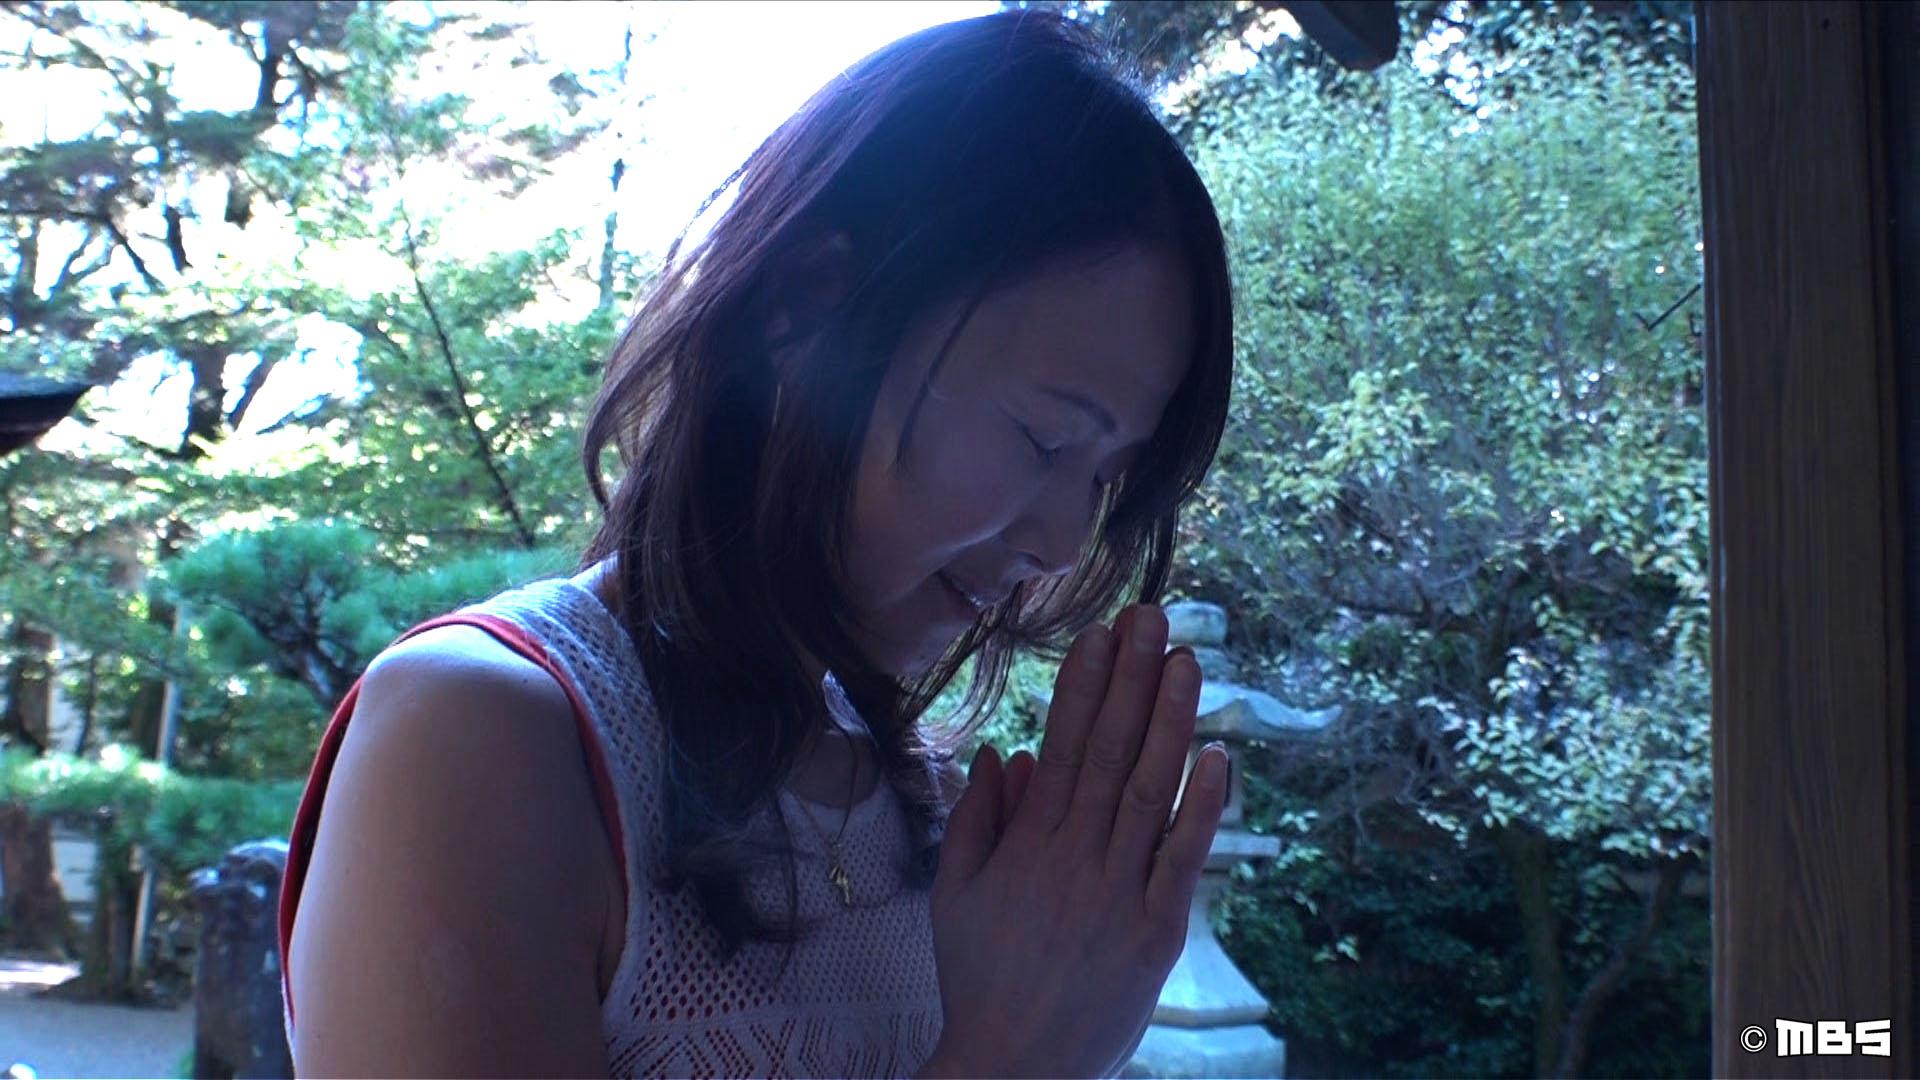 180304情熱大陸_浜田美栄2c.jpg